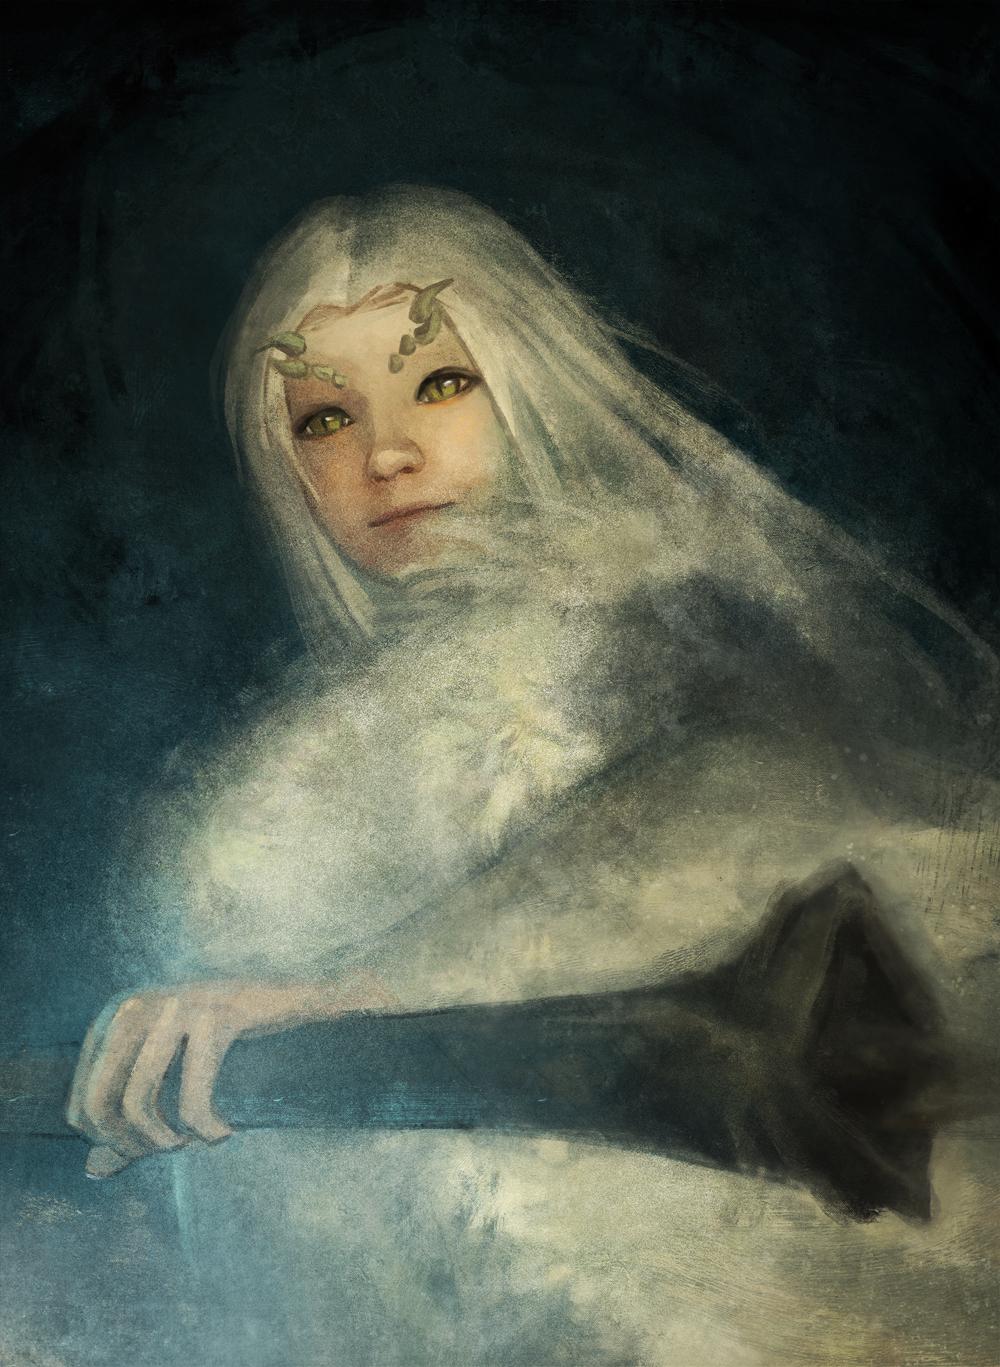 Присцилла сол бессмертна 9 фотография